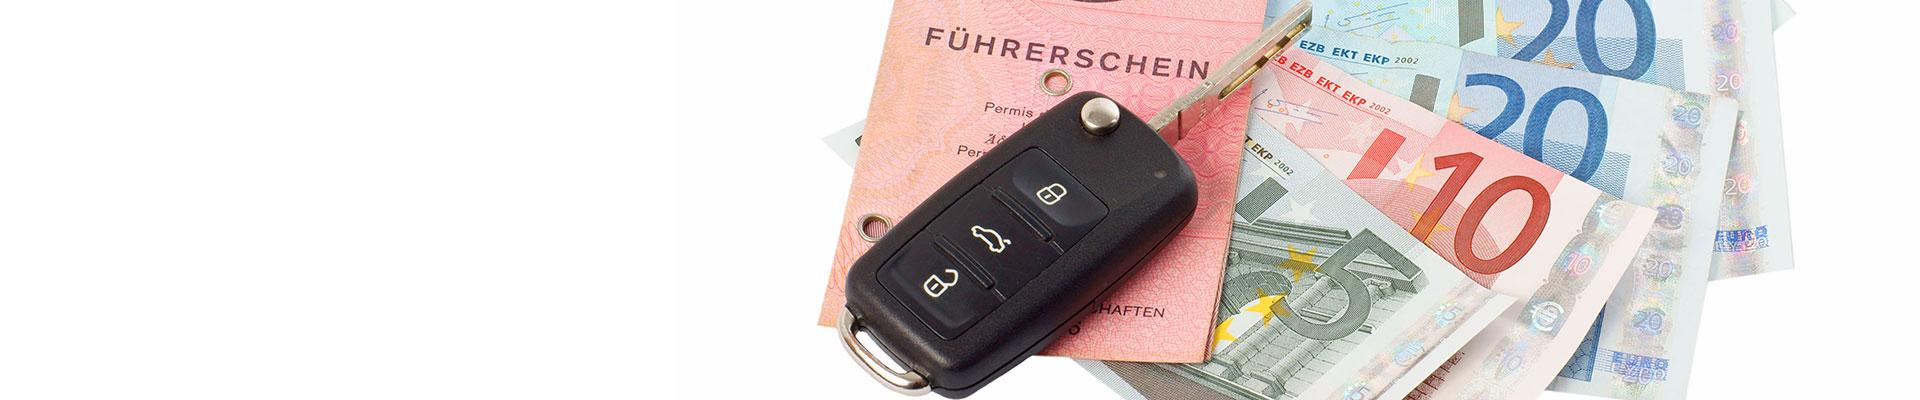 https://my-fahrschule.com/wp-content/uploads/2020/07/Fuehrerschein-Finanzierung-BG.jpg